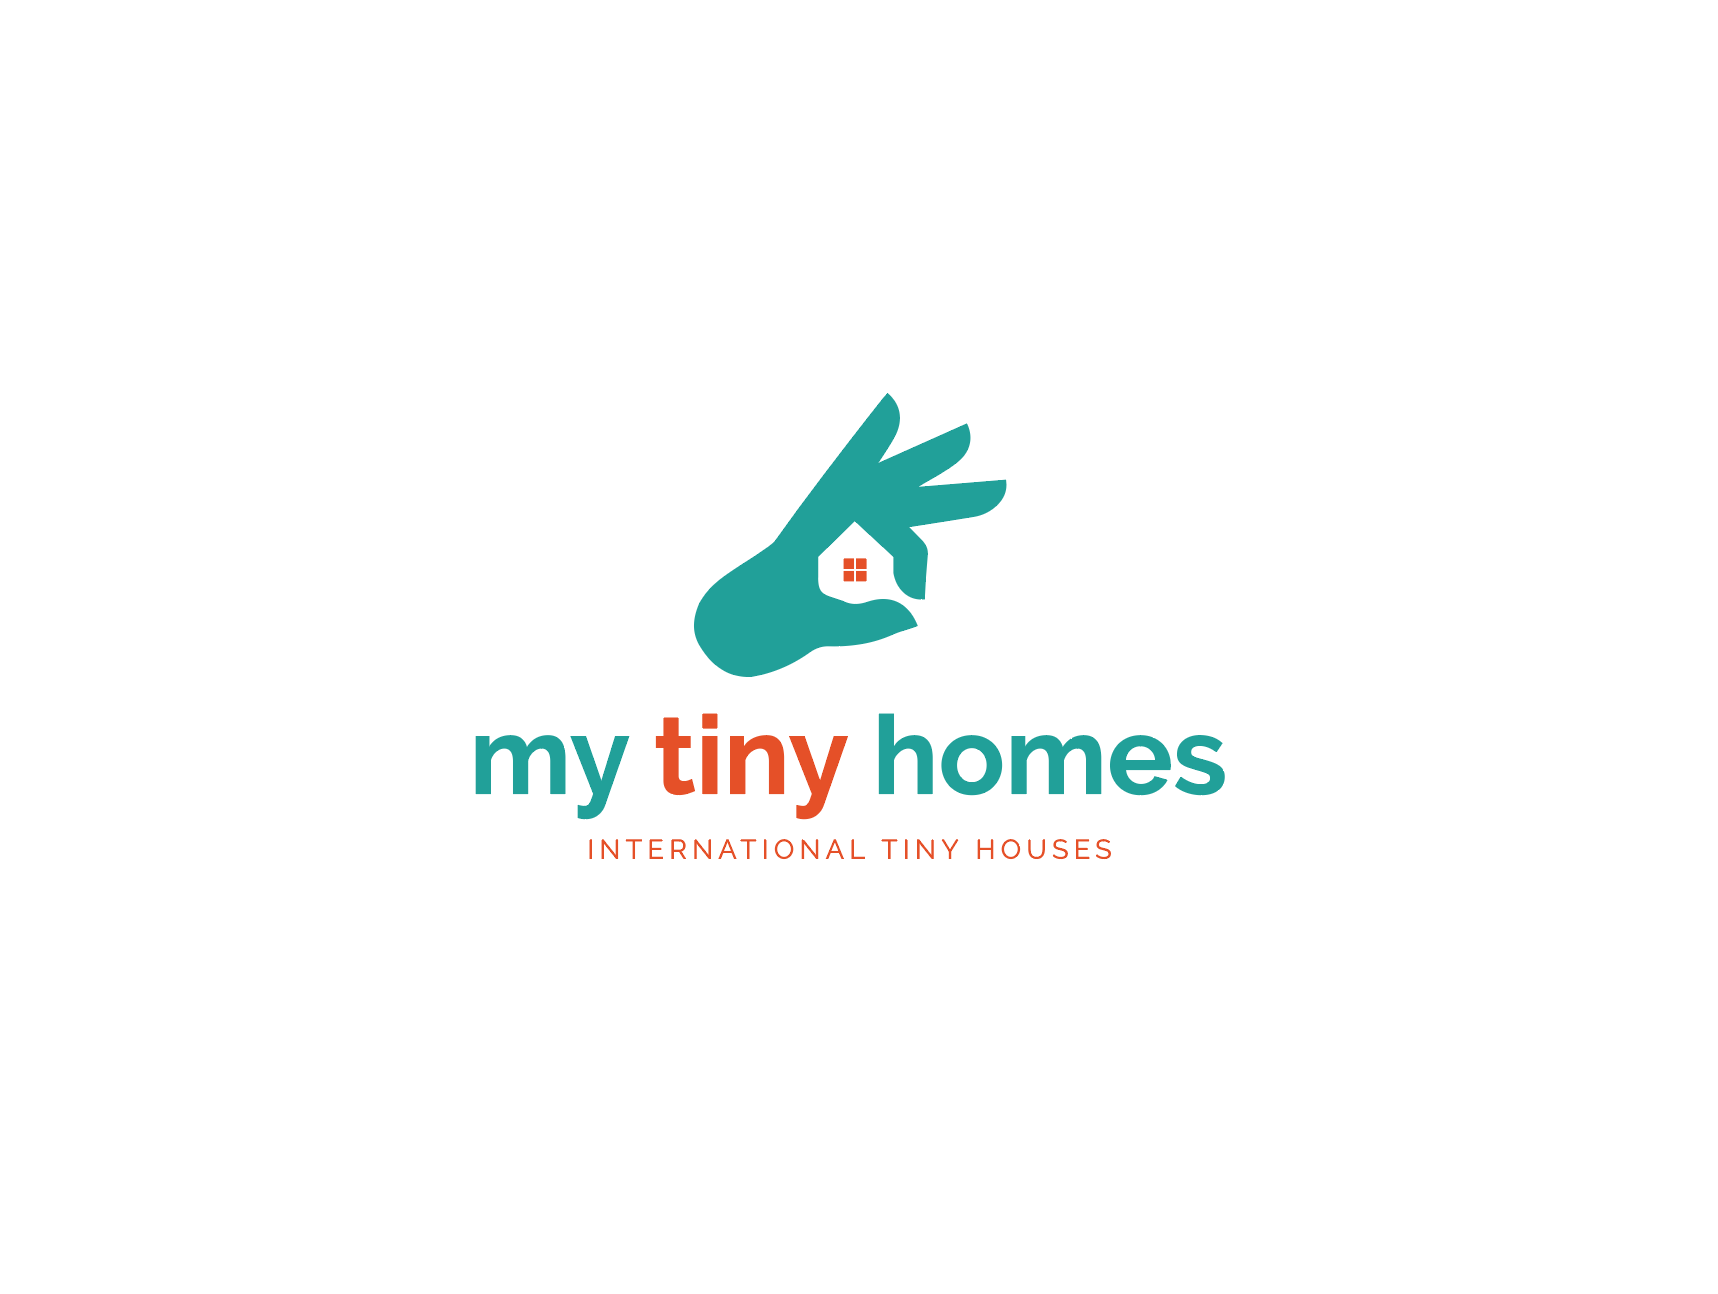 MY TINY HOMES